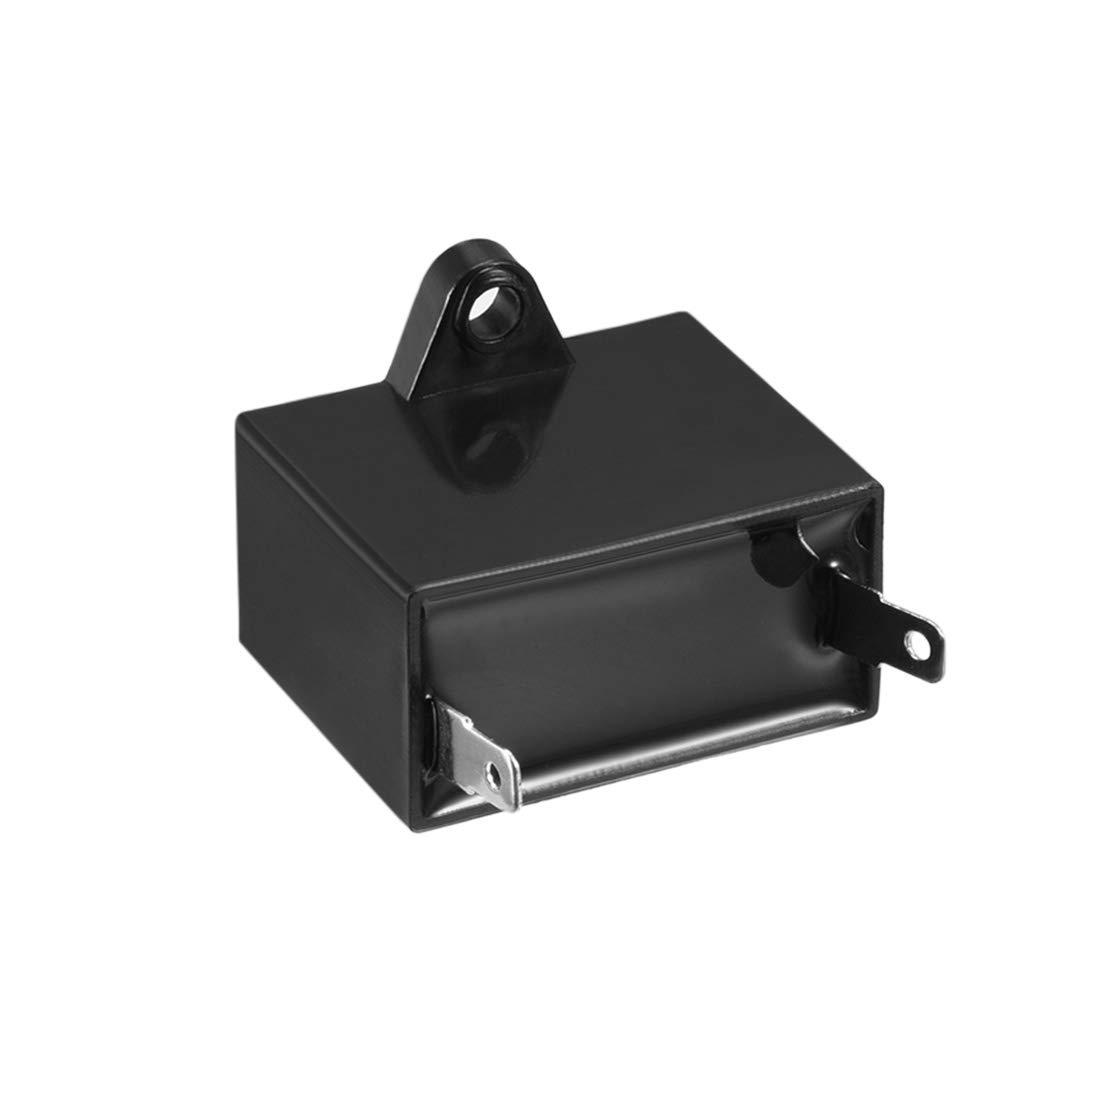 sourcing map CBB61 Betriebskondensator 450V AC 6uF Einzeln Pol f/ür Deckenventilator de